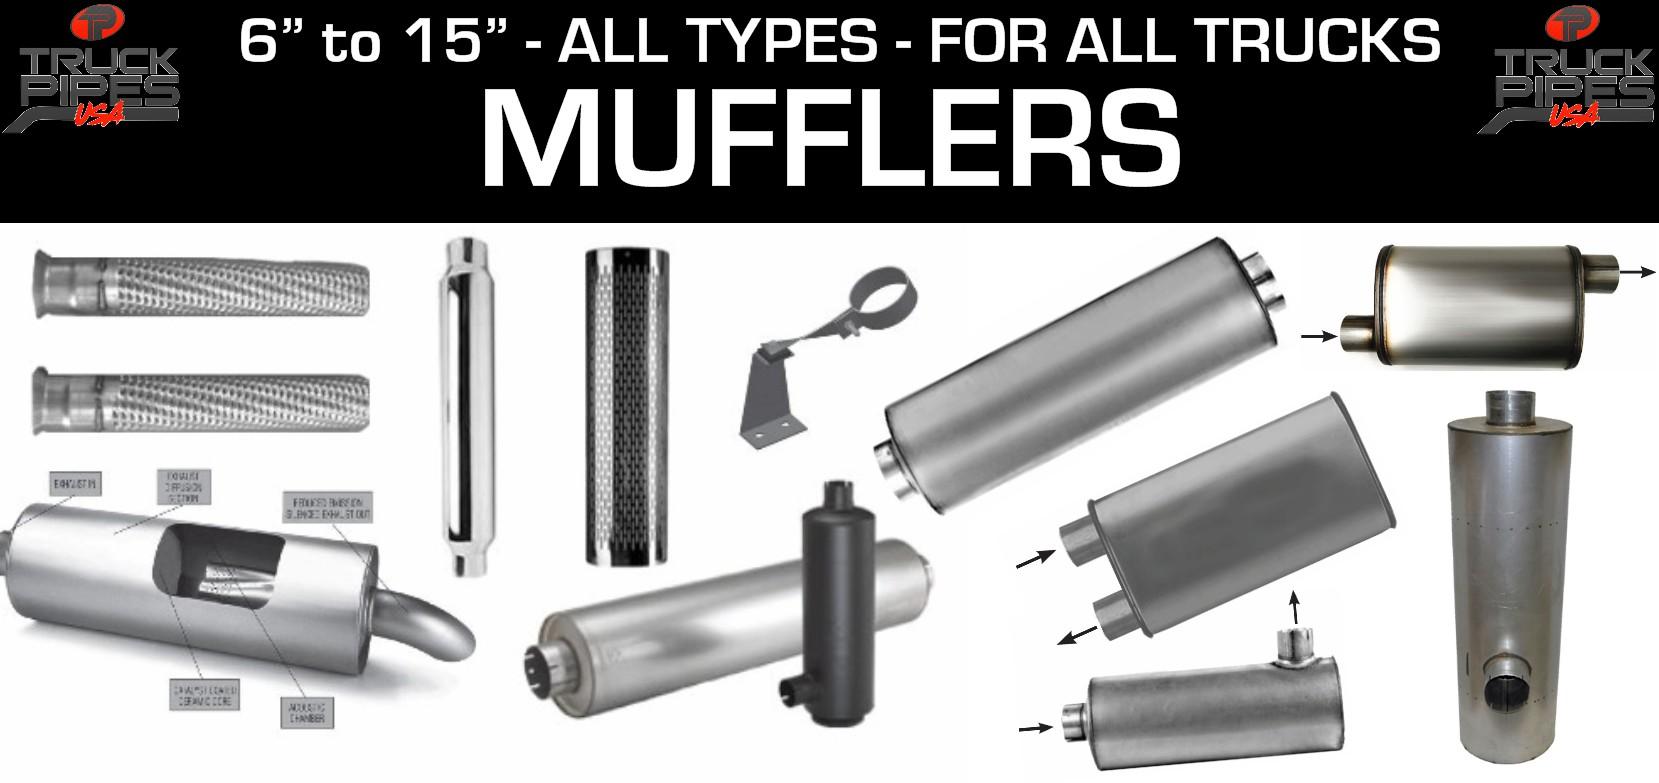 muffler-banner.jpg